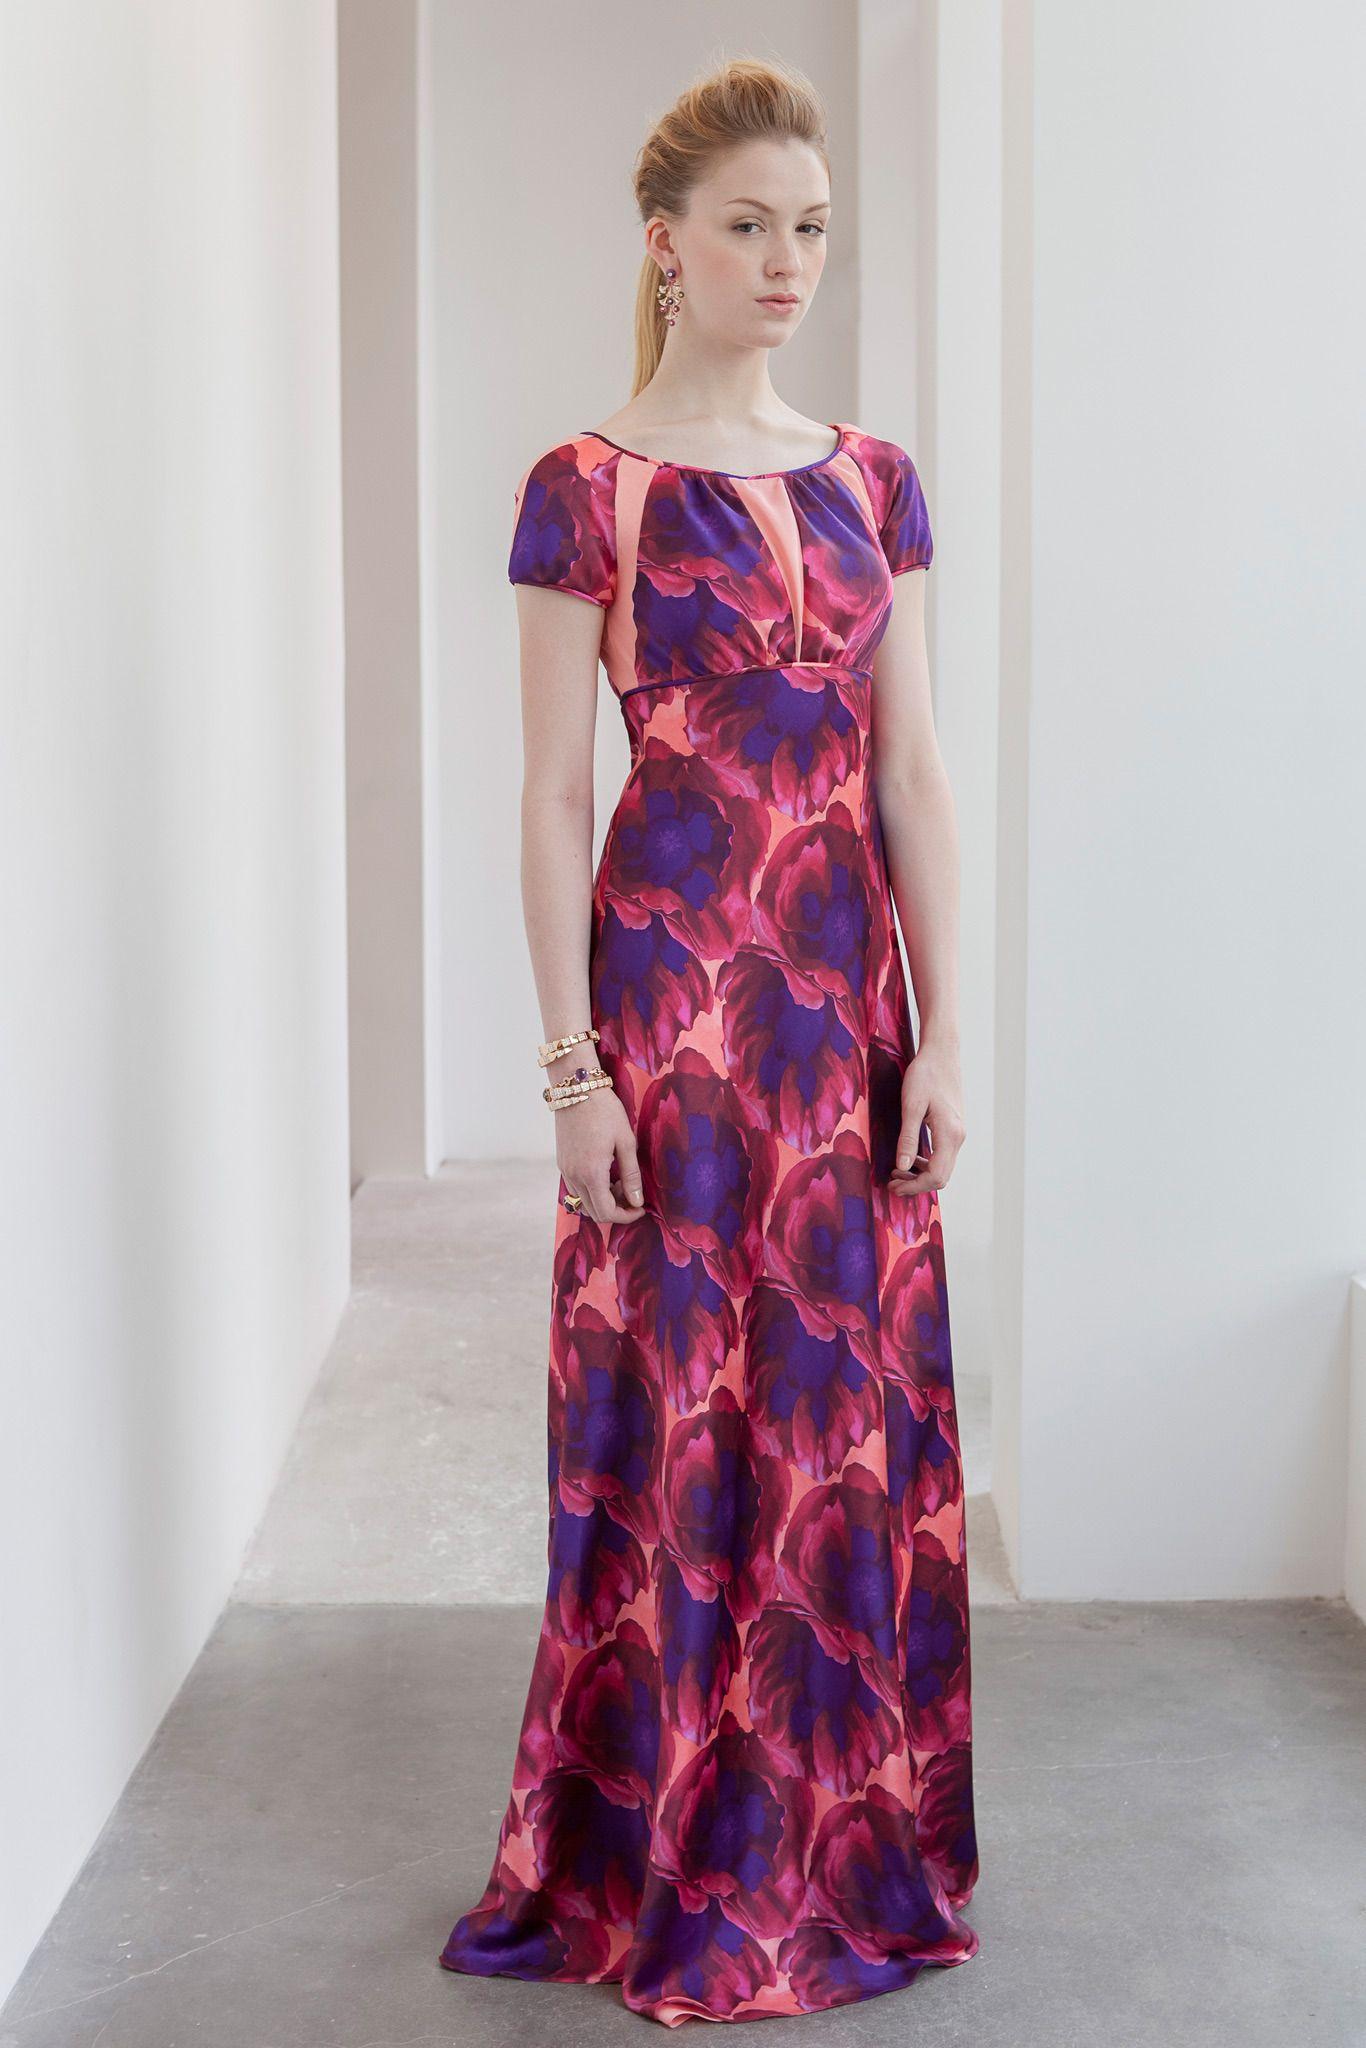 17  images about Long Summer Dress on Pinterest  Ocean beach ...